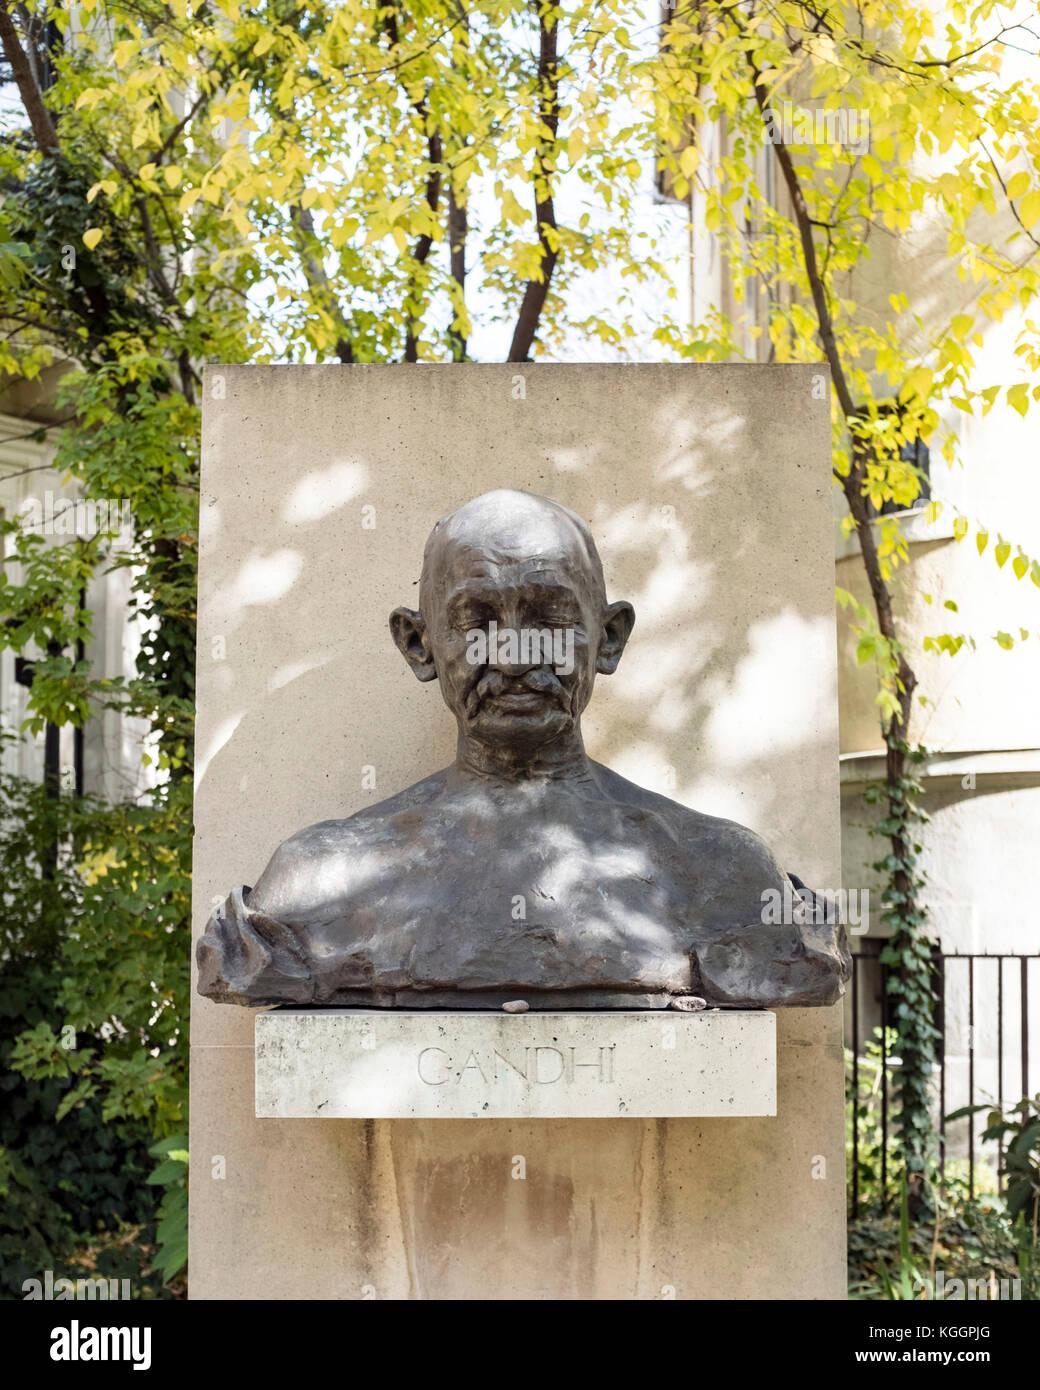 Ferenc Hopp Museum of East Asian Arts, Ungheria: Statua di Gandhi nel giardino Immagini Stock